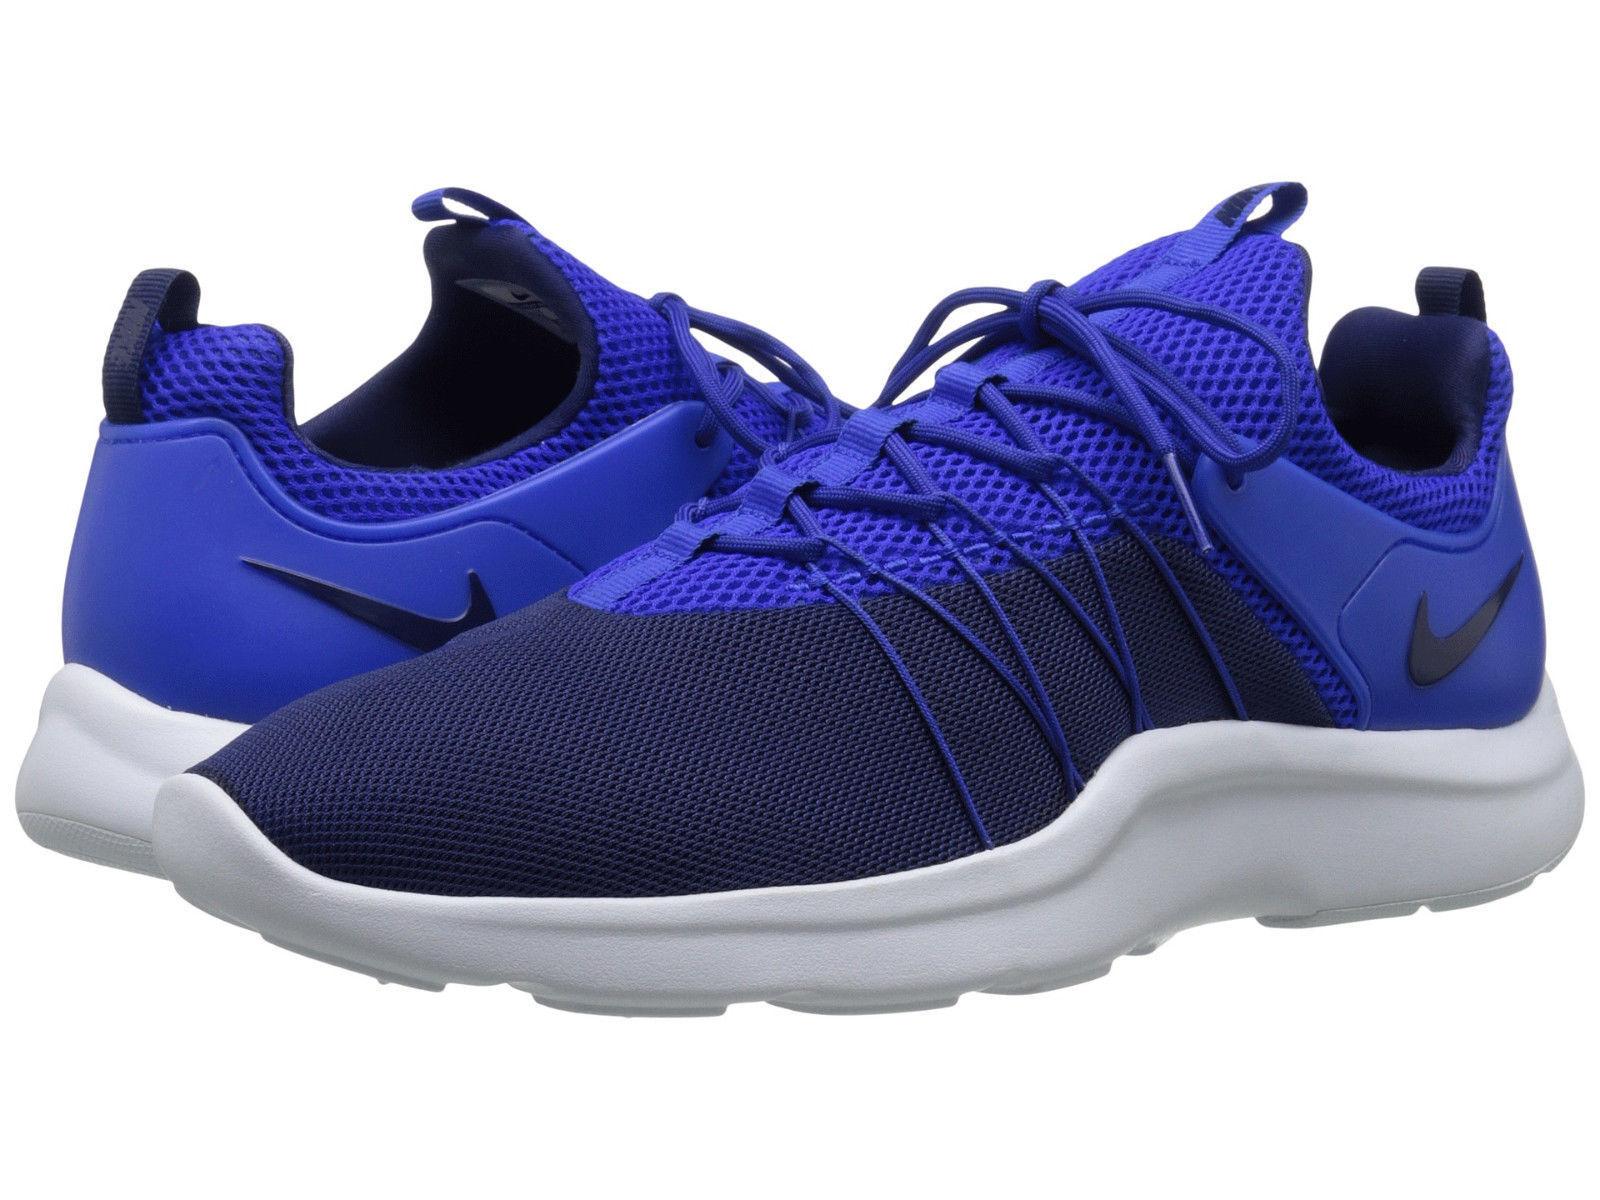 para Hombre Nike - Darwin Azul/Racer Azul/Blanco Tallas 8 - Nike 12 Nuevo En Caja 94152e